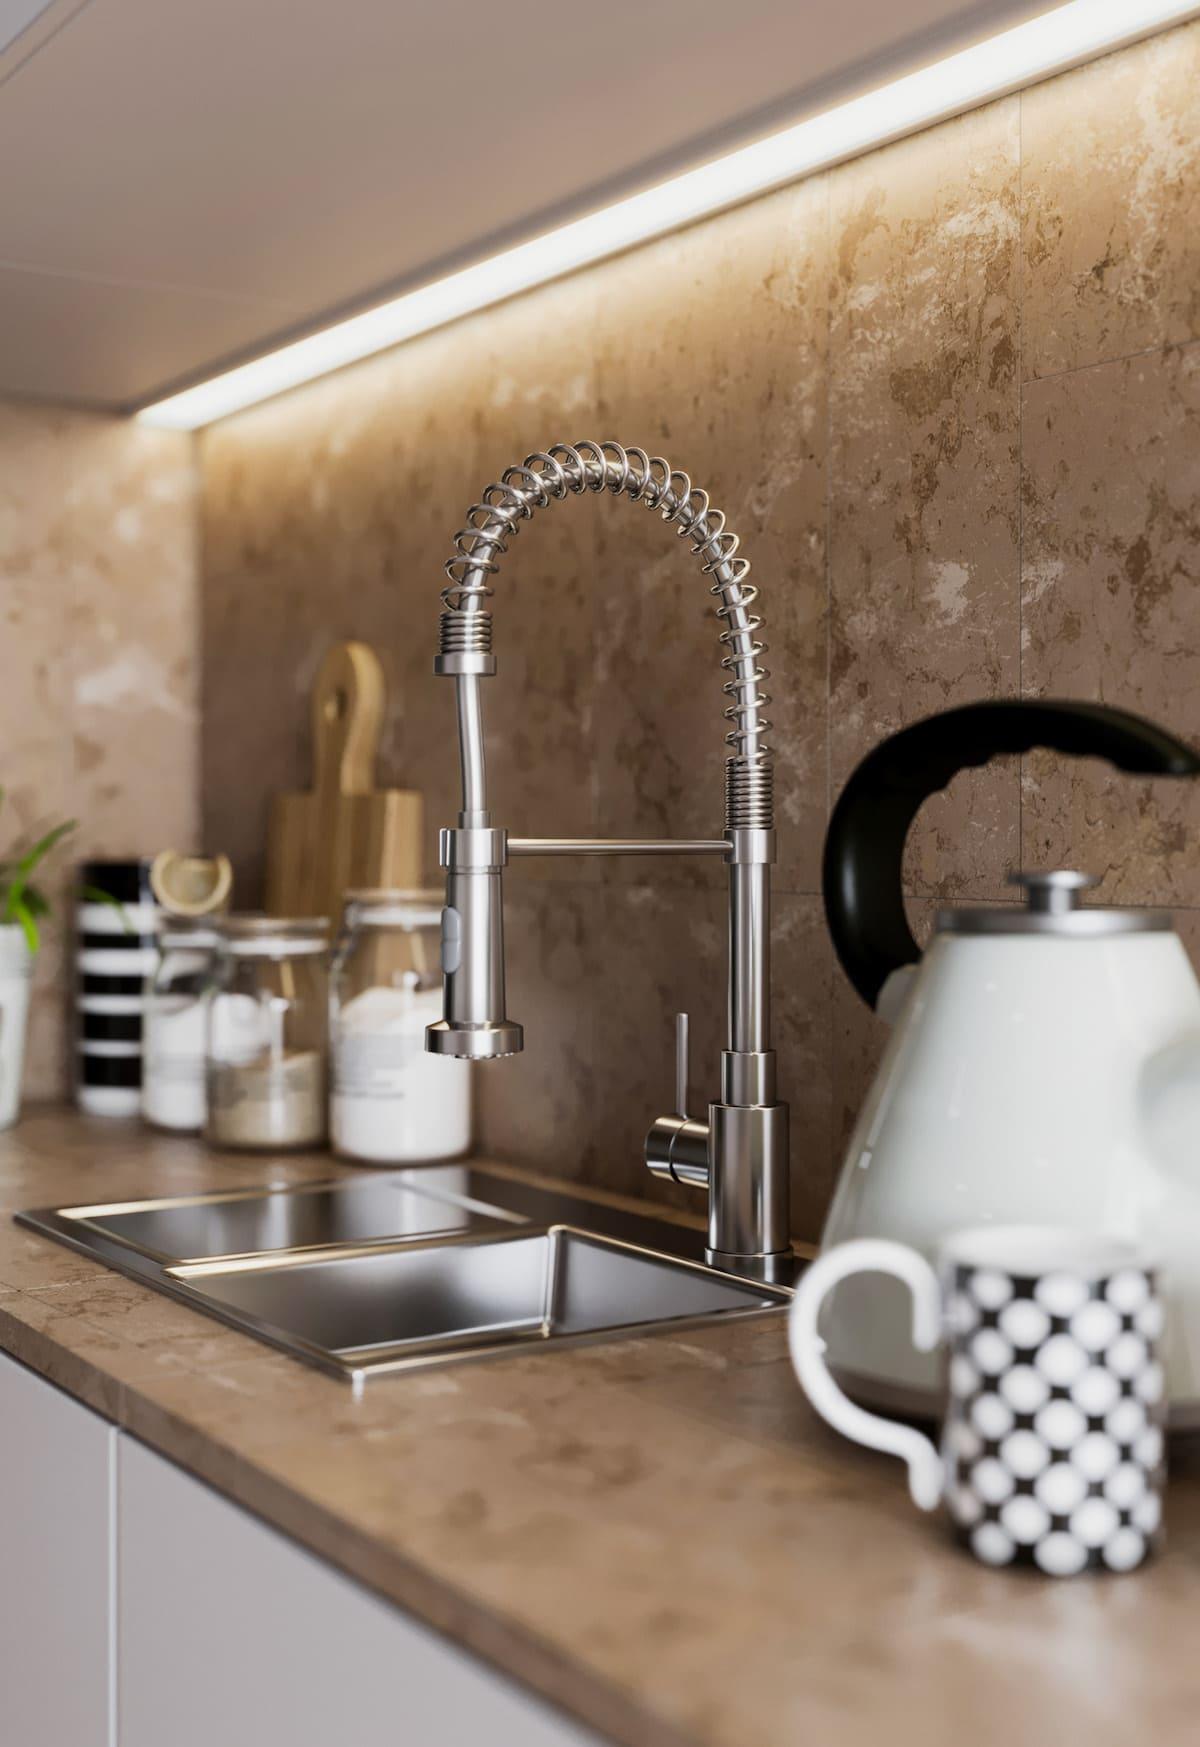 дизайн кухни в современном стиле фото 59